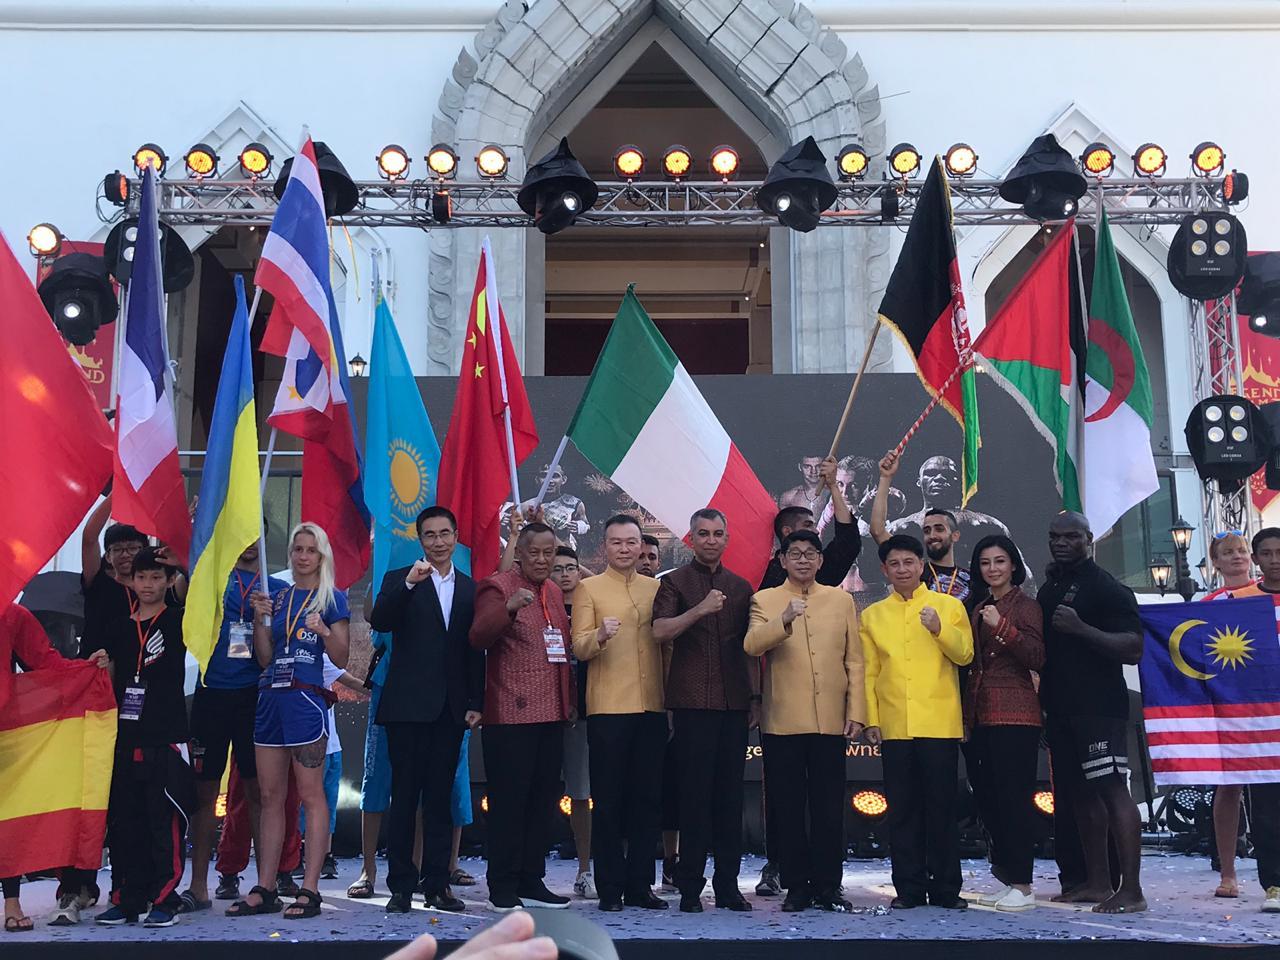 Самарт Паякарун e на Световното по муай тай (СНИМКИ)